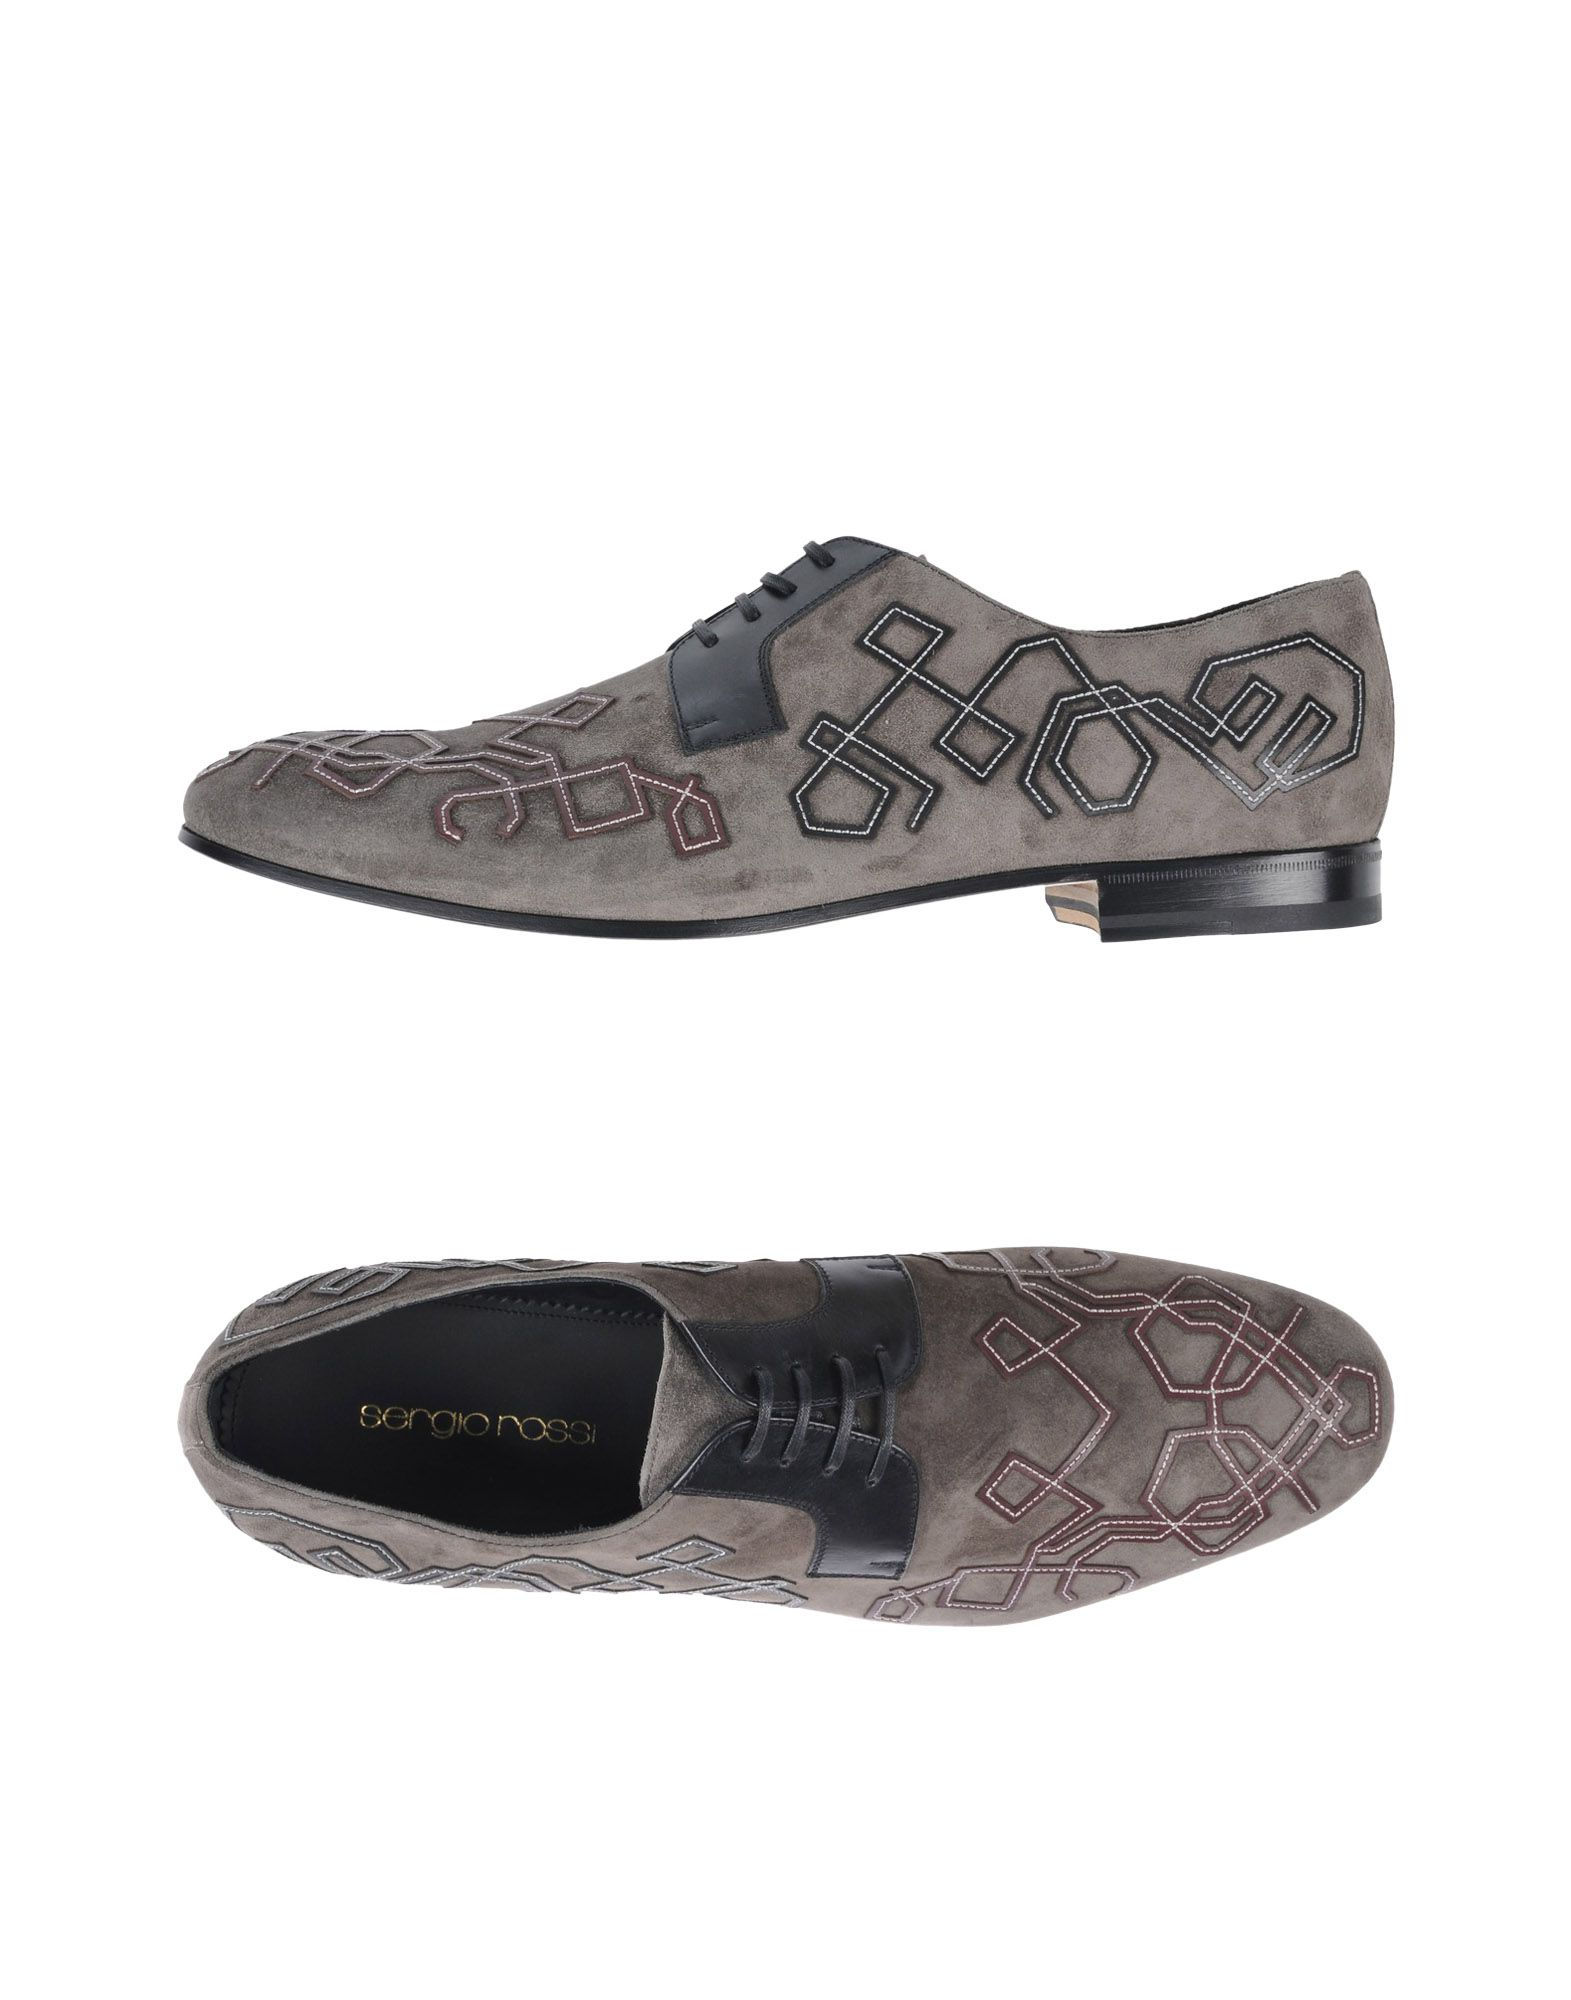 Sergio Rossi Schnürschuhe Herren  11475192RP Gute Qualität beliebte Schuhe